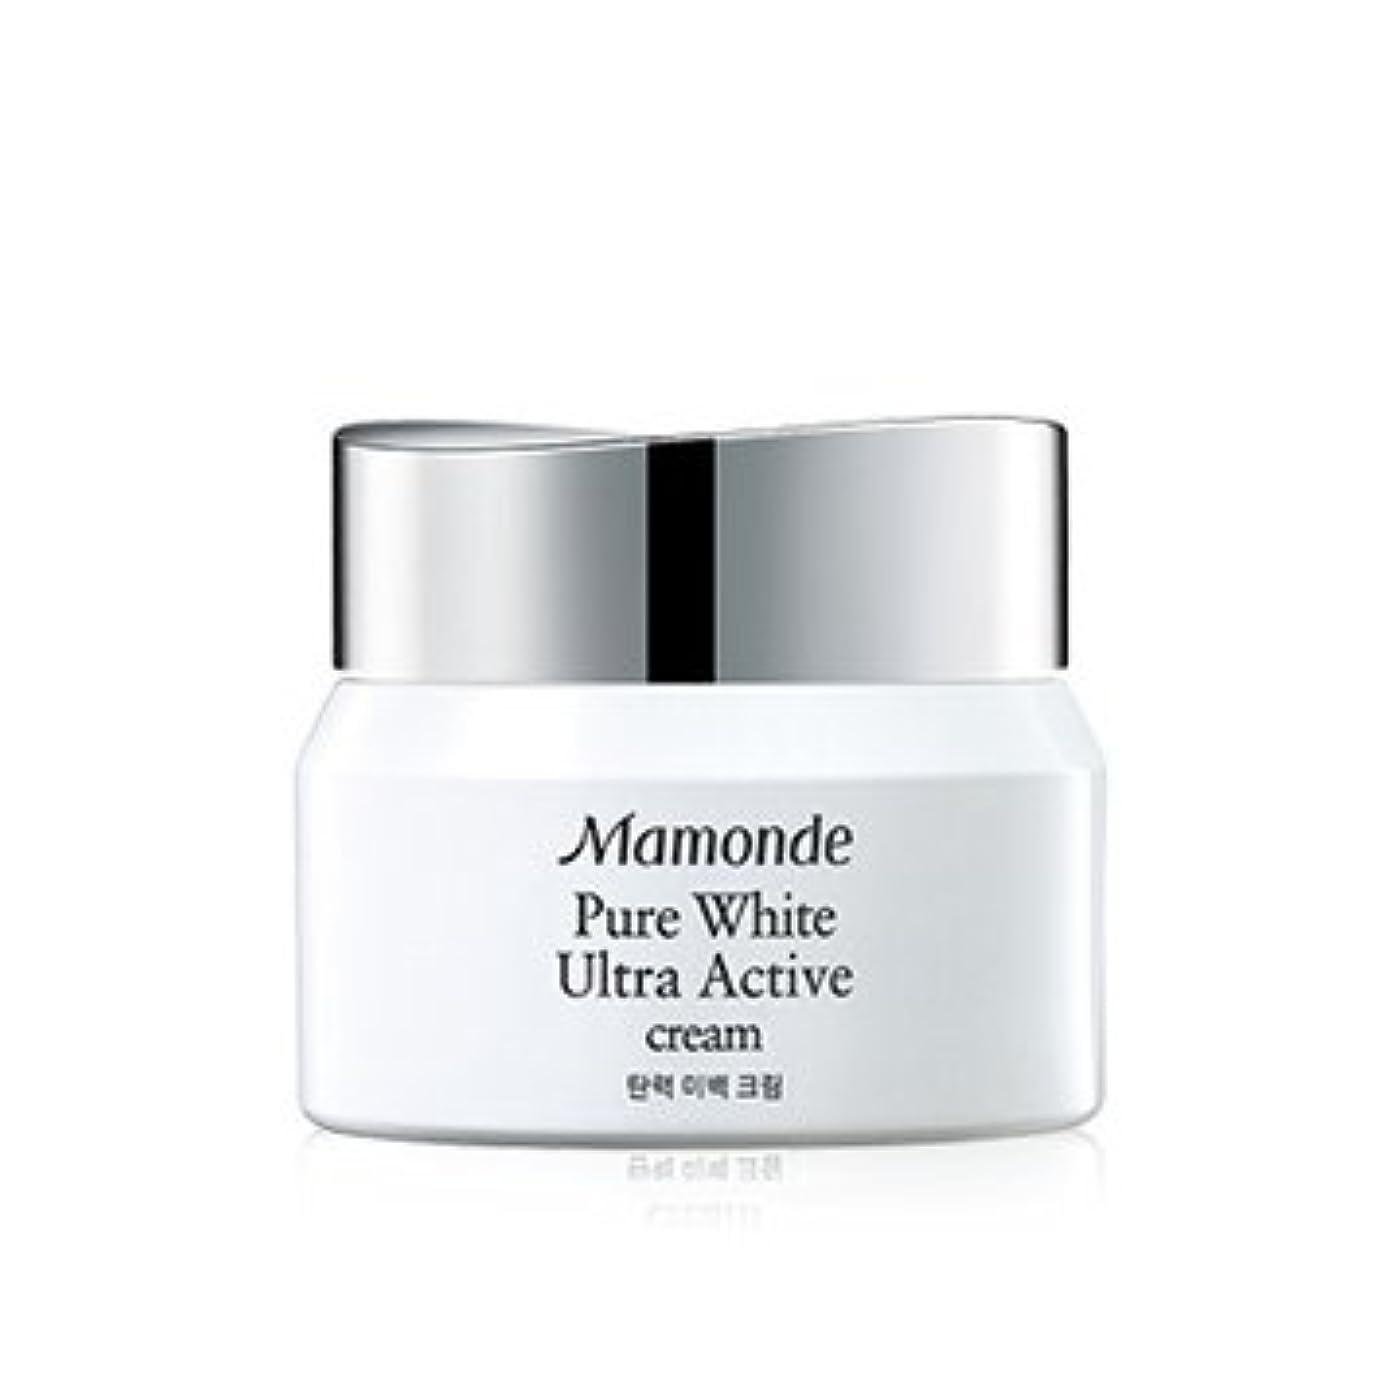 定期的な後悔応援するMamonde Pure White Ultra Active Cream 50ml/マモンド ピュア ホワイト ウルトラ アクティブ クリーム 50ml [並行輸入品]